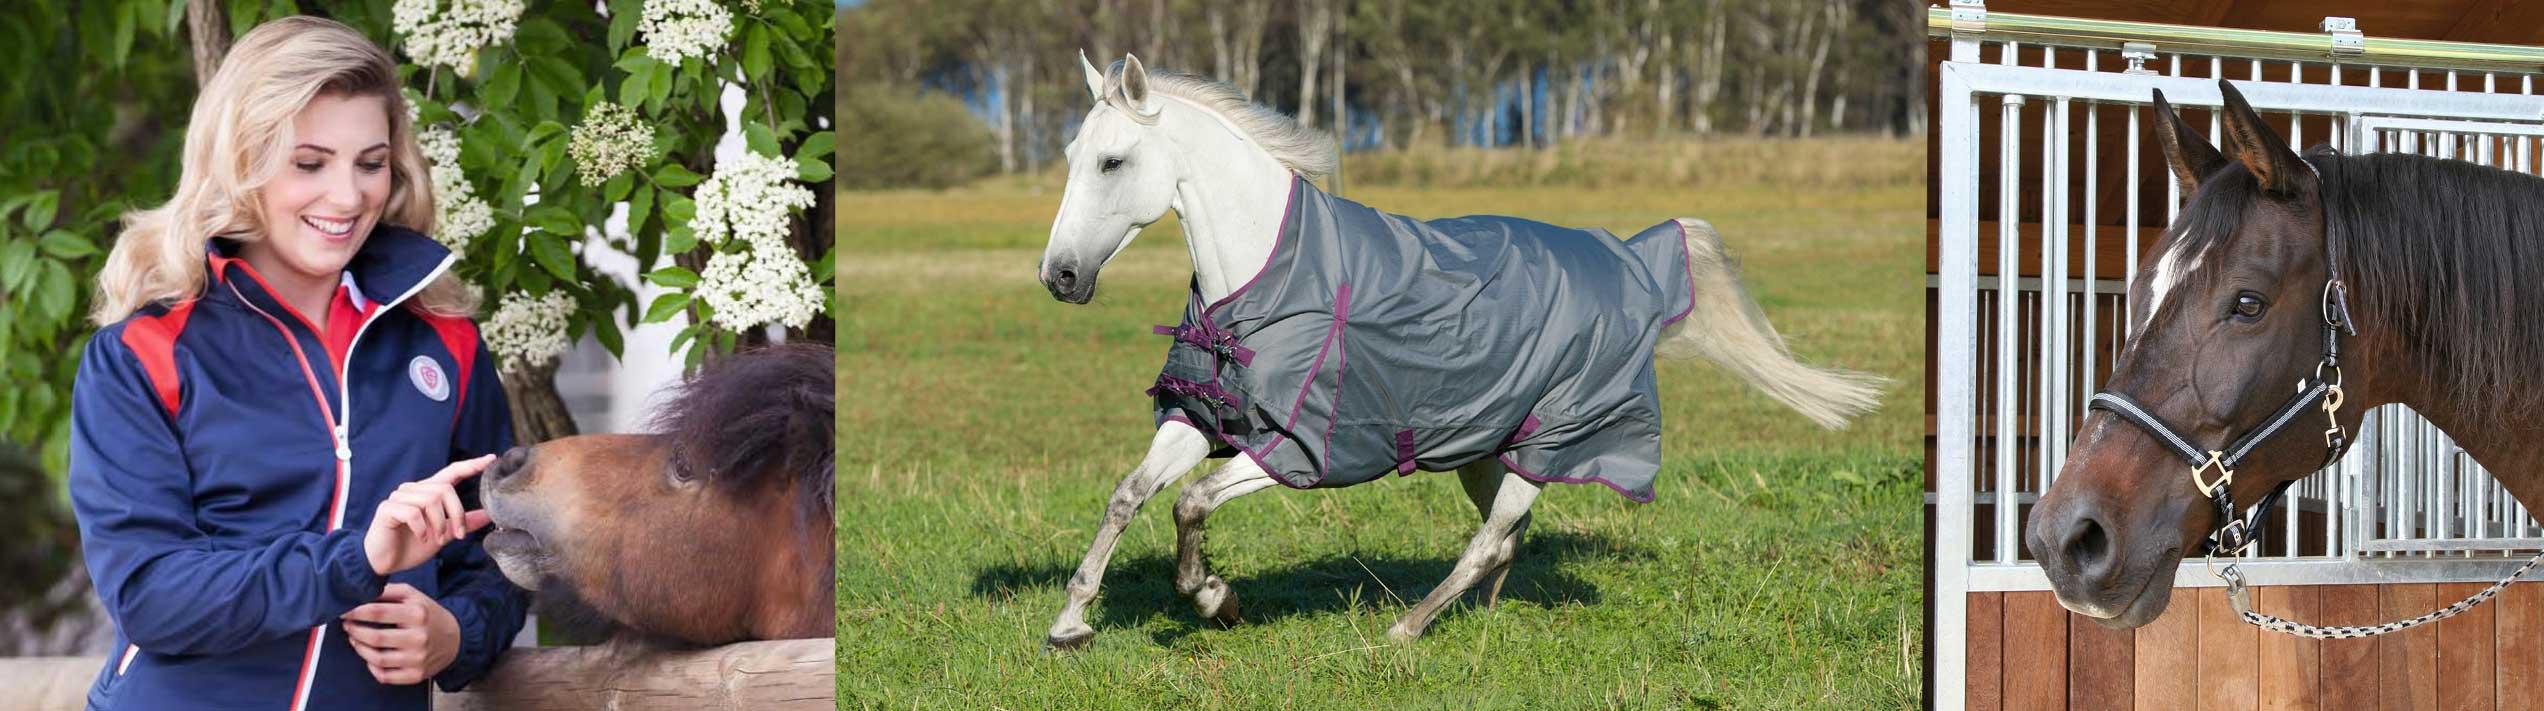 Blätterkatalog Pferd, Reiter